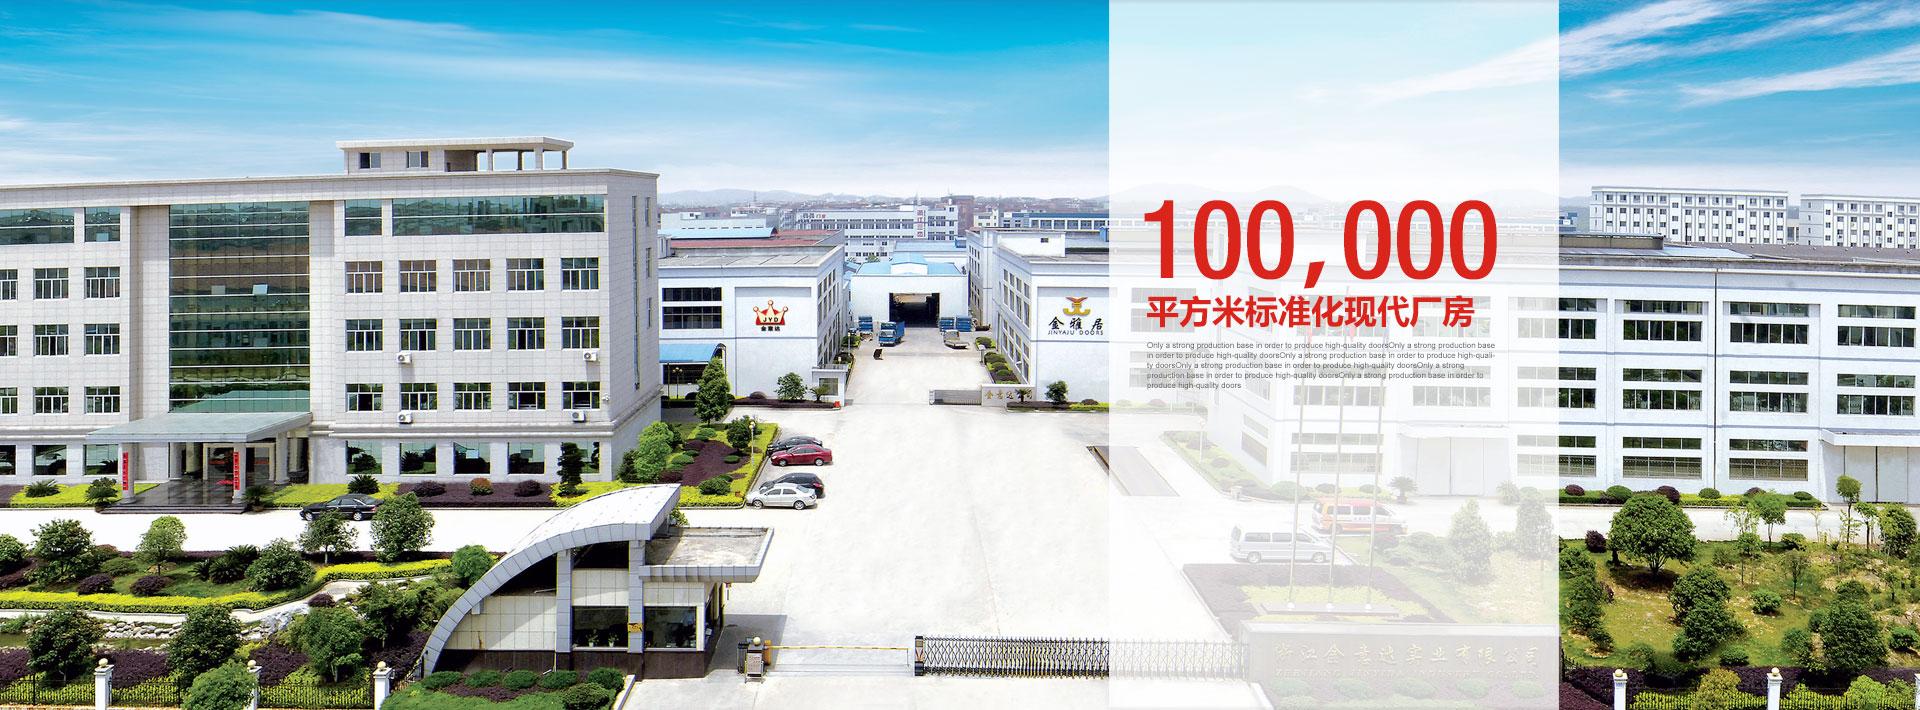 100000平方米标准化现代厂房